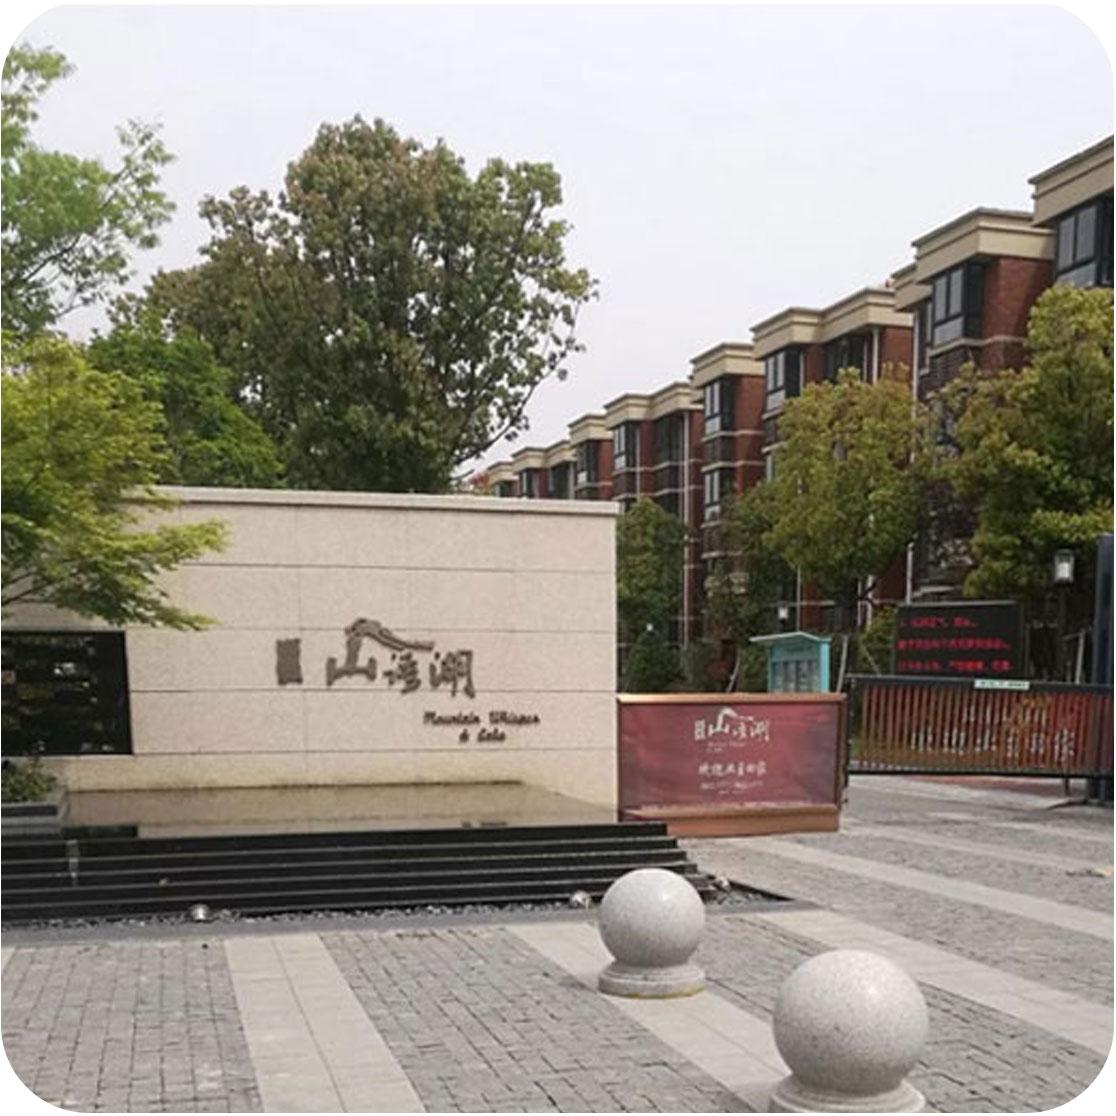 江苏南京山语湖项目